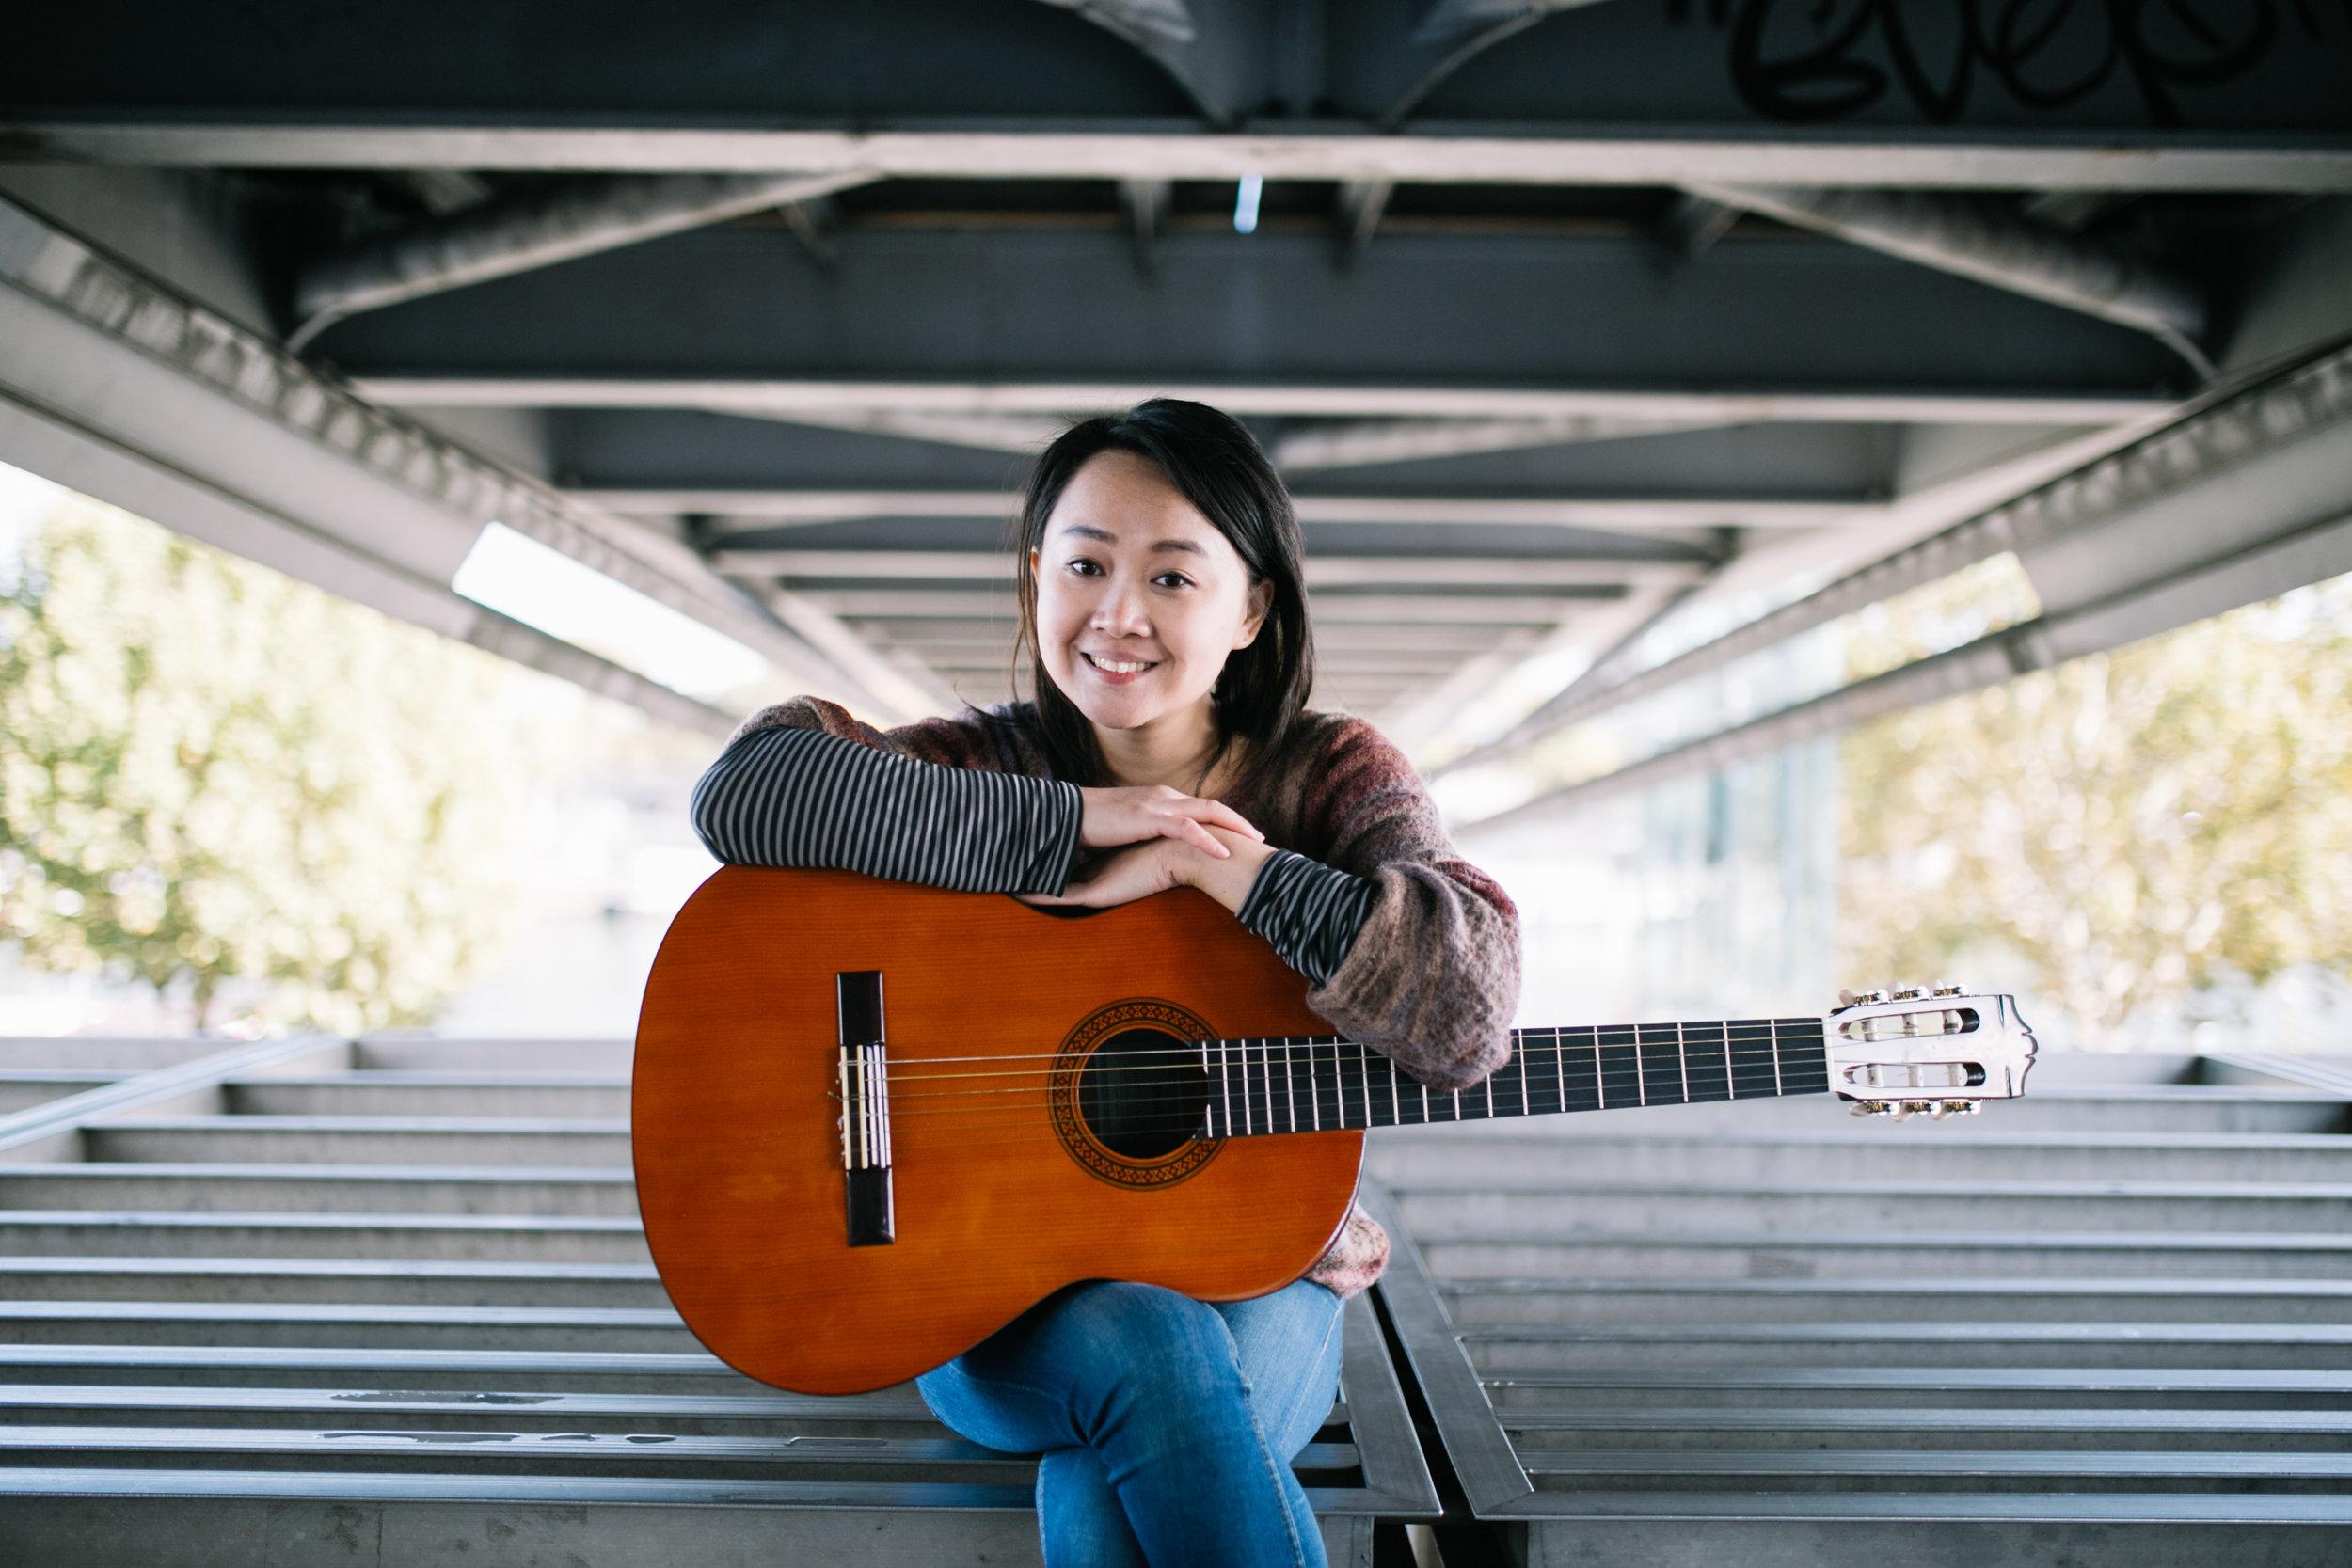 Ta photo coup de coeur - Evidemment une photo avec ma guitare ! Celle-ci me ressemble, elle est simple et on dirait que je ne fais qu'une avec mon instrument